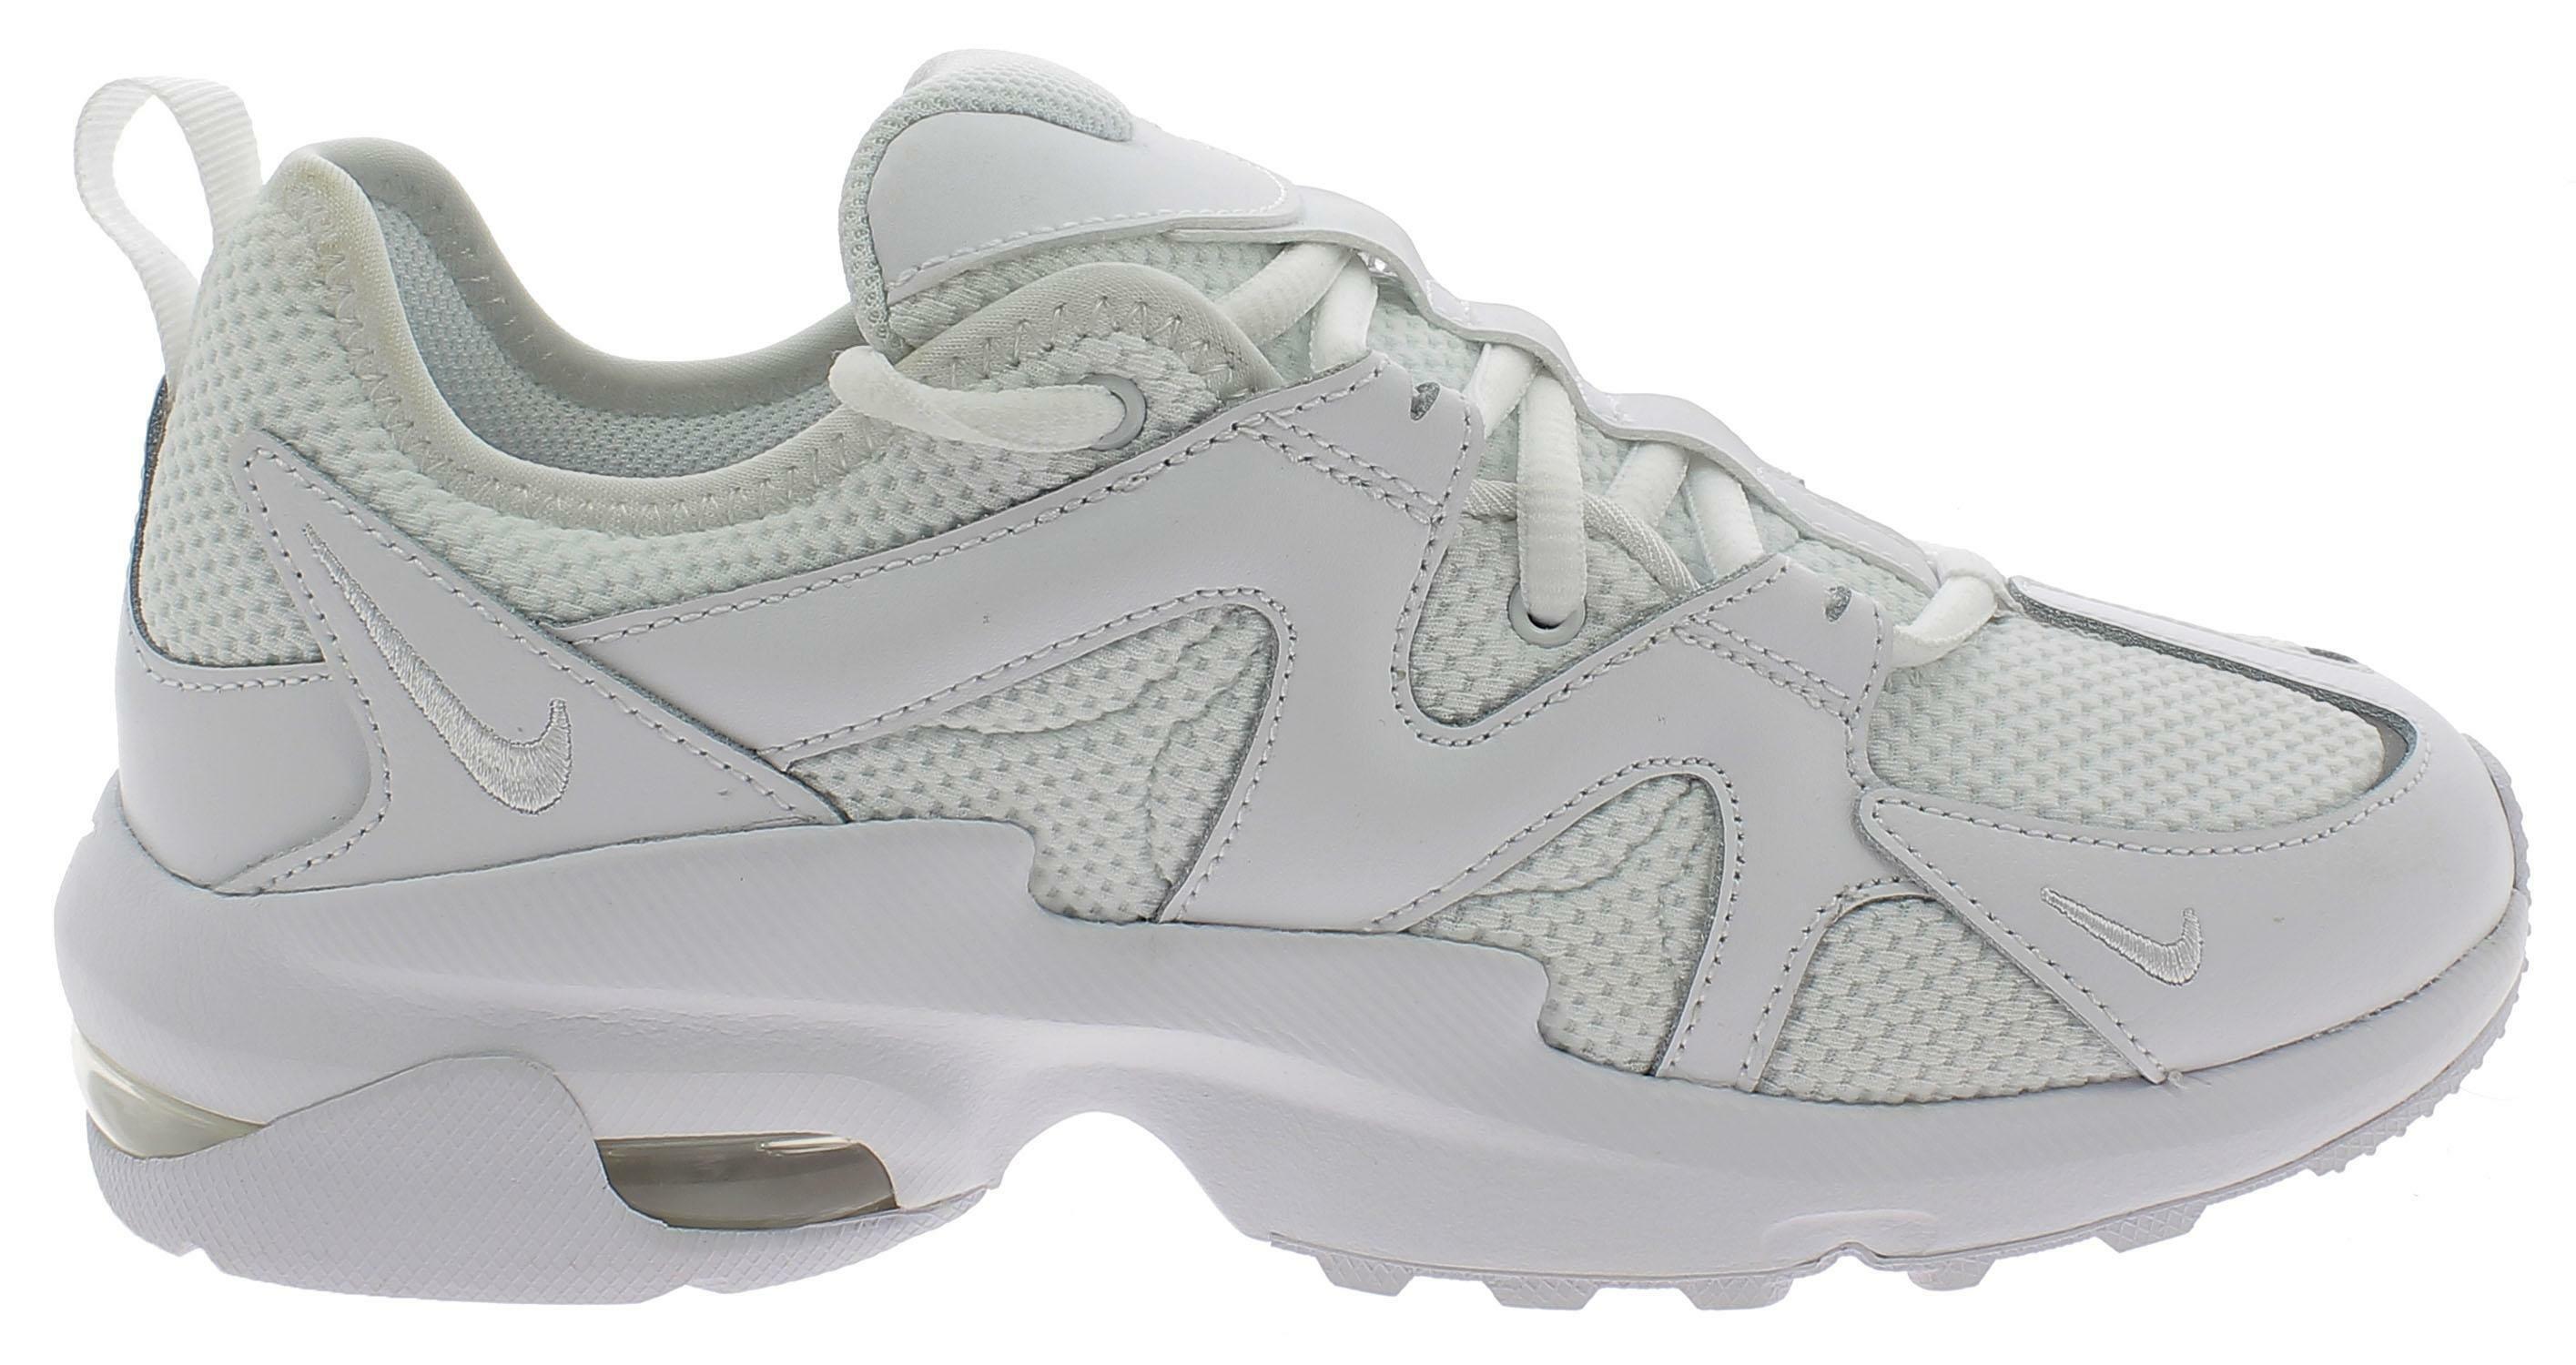 Nike air max graviton scarpe sportive uomo bianche at4525102